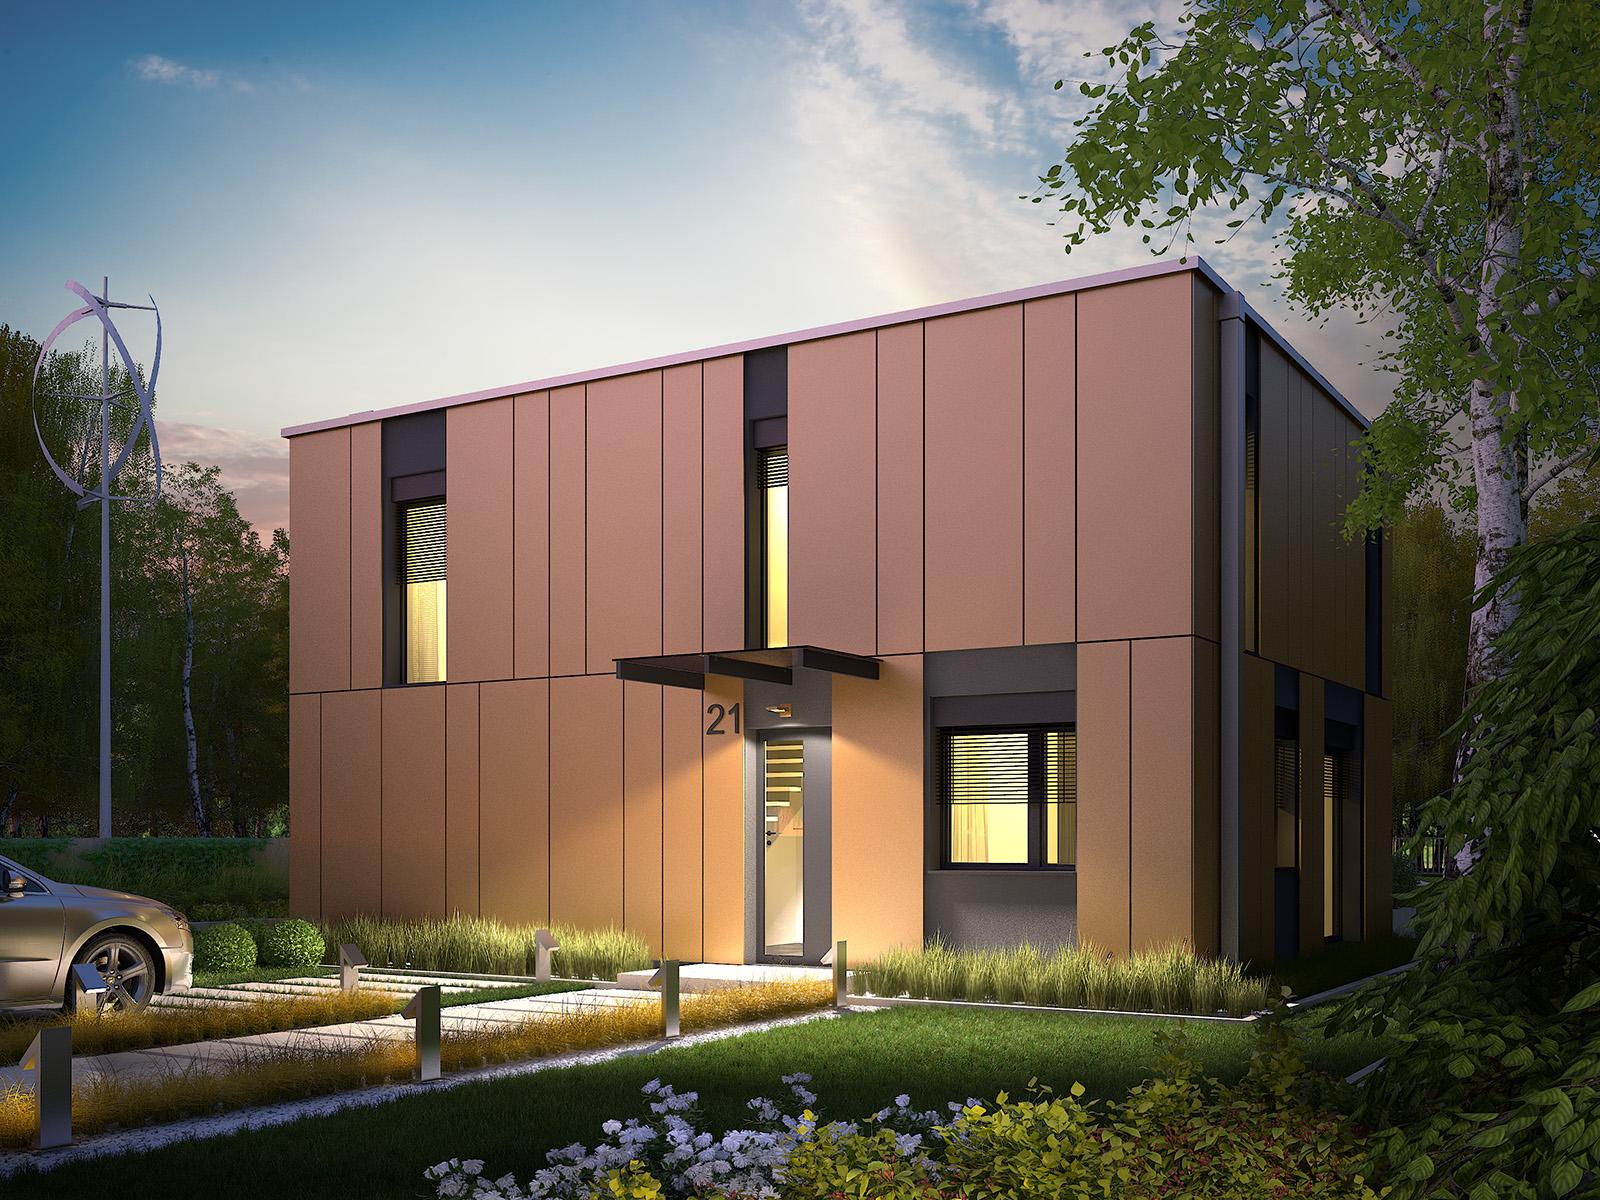 Projekt domu PROSTOKĄTNY Domy Czystej Energii widok od frontu